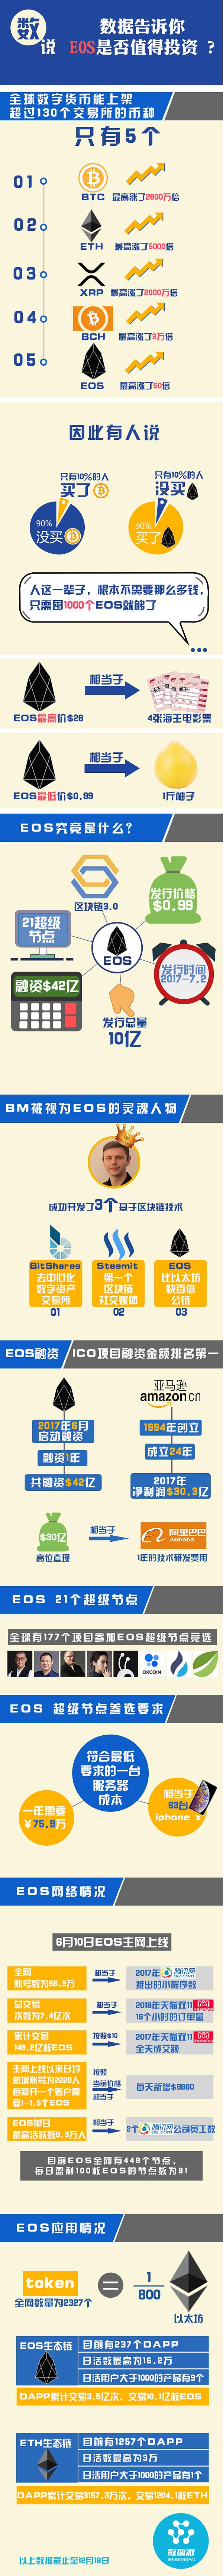 数说 | 数据告诉你EOS为什么值得投资?